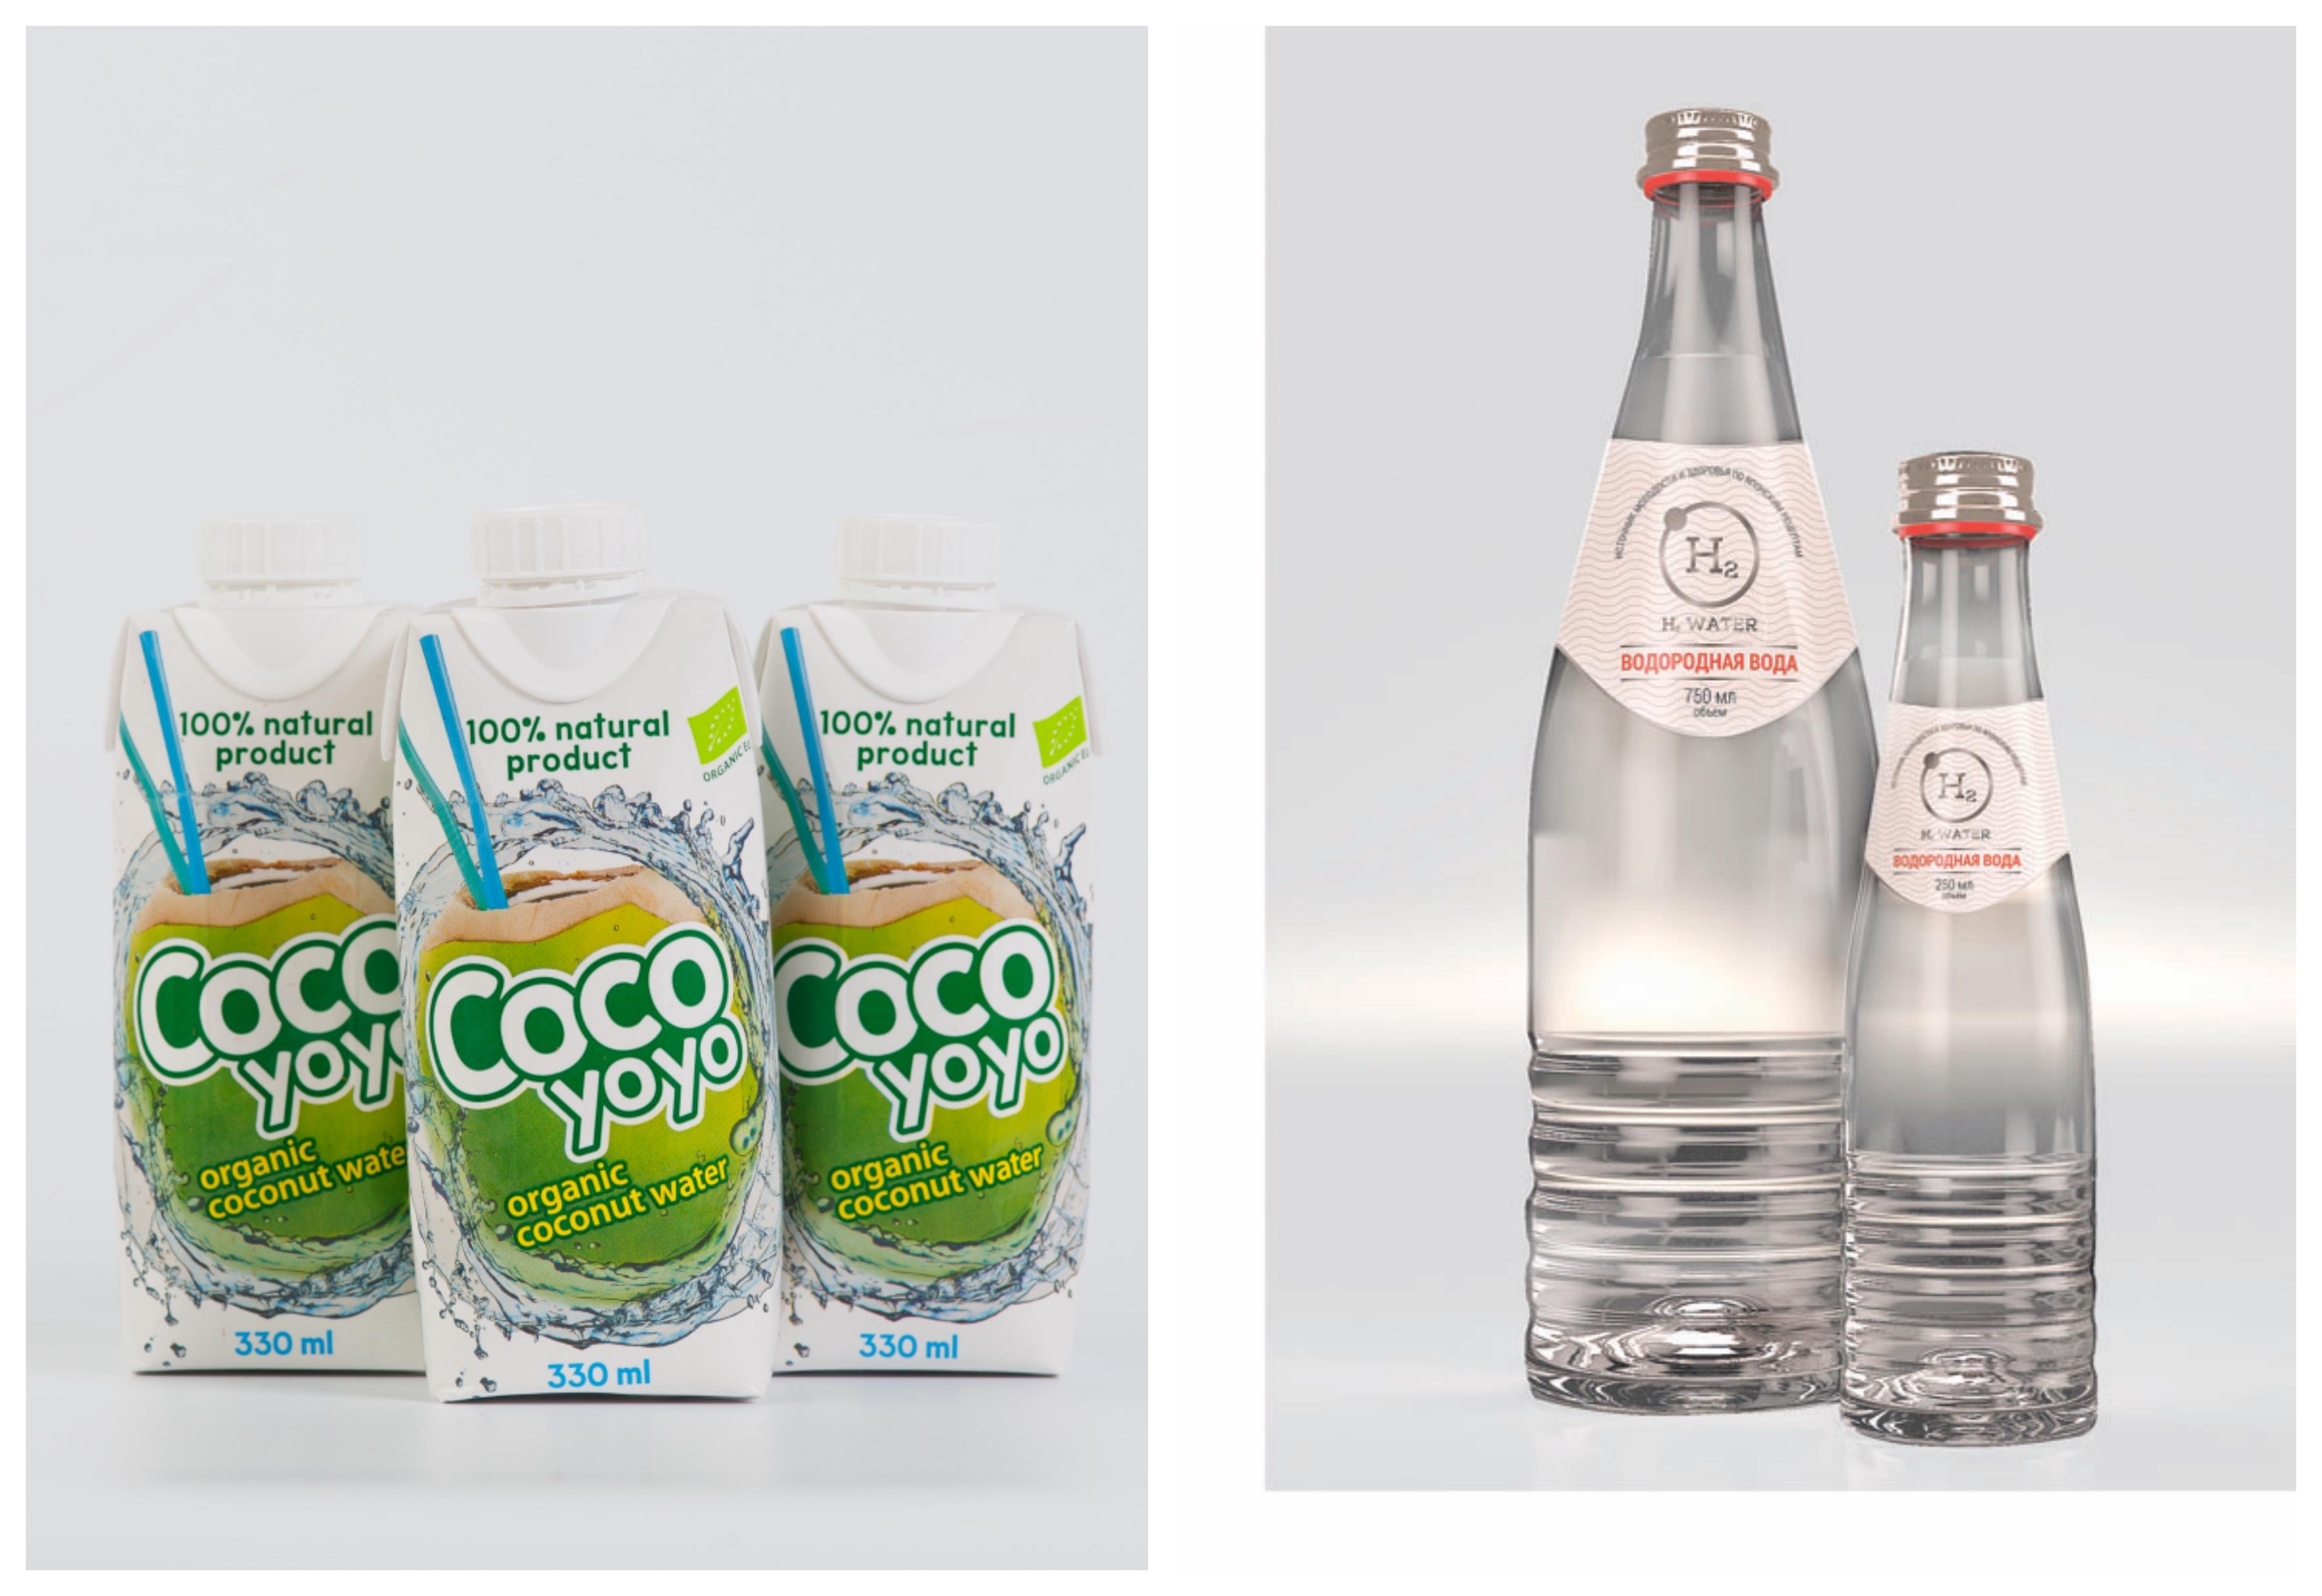 Кокосовая вода, CoCoYoYo, 148 руб. и водородная вода Н 2 Water, ENHEL, от 230 руб.